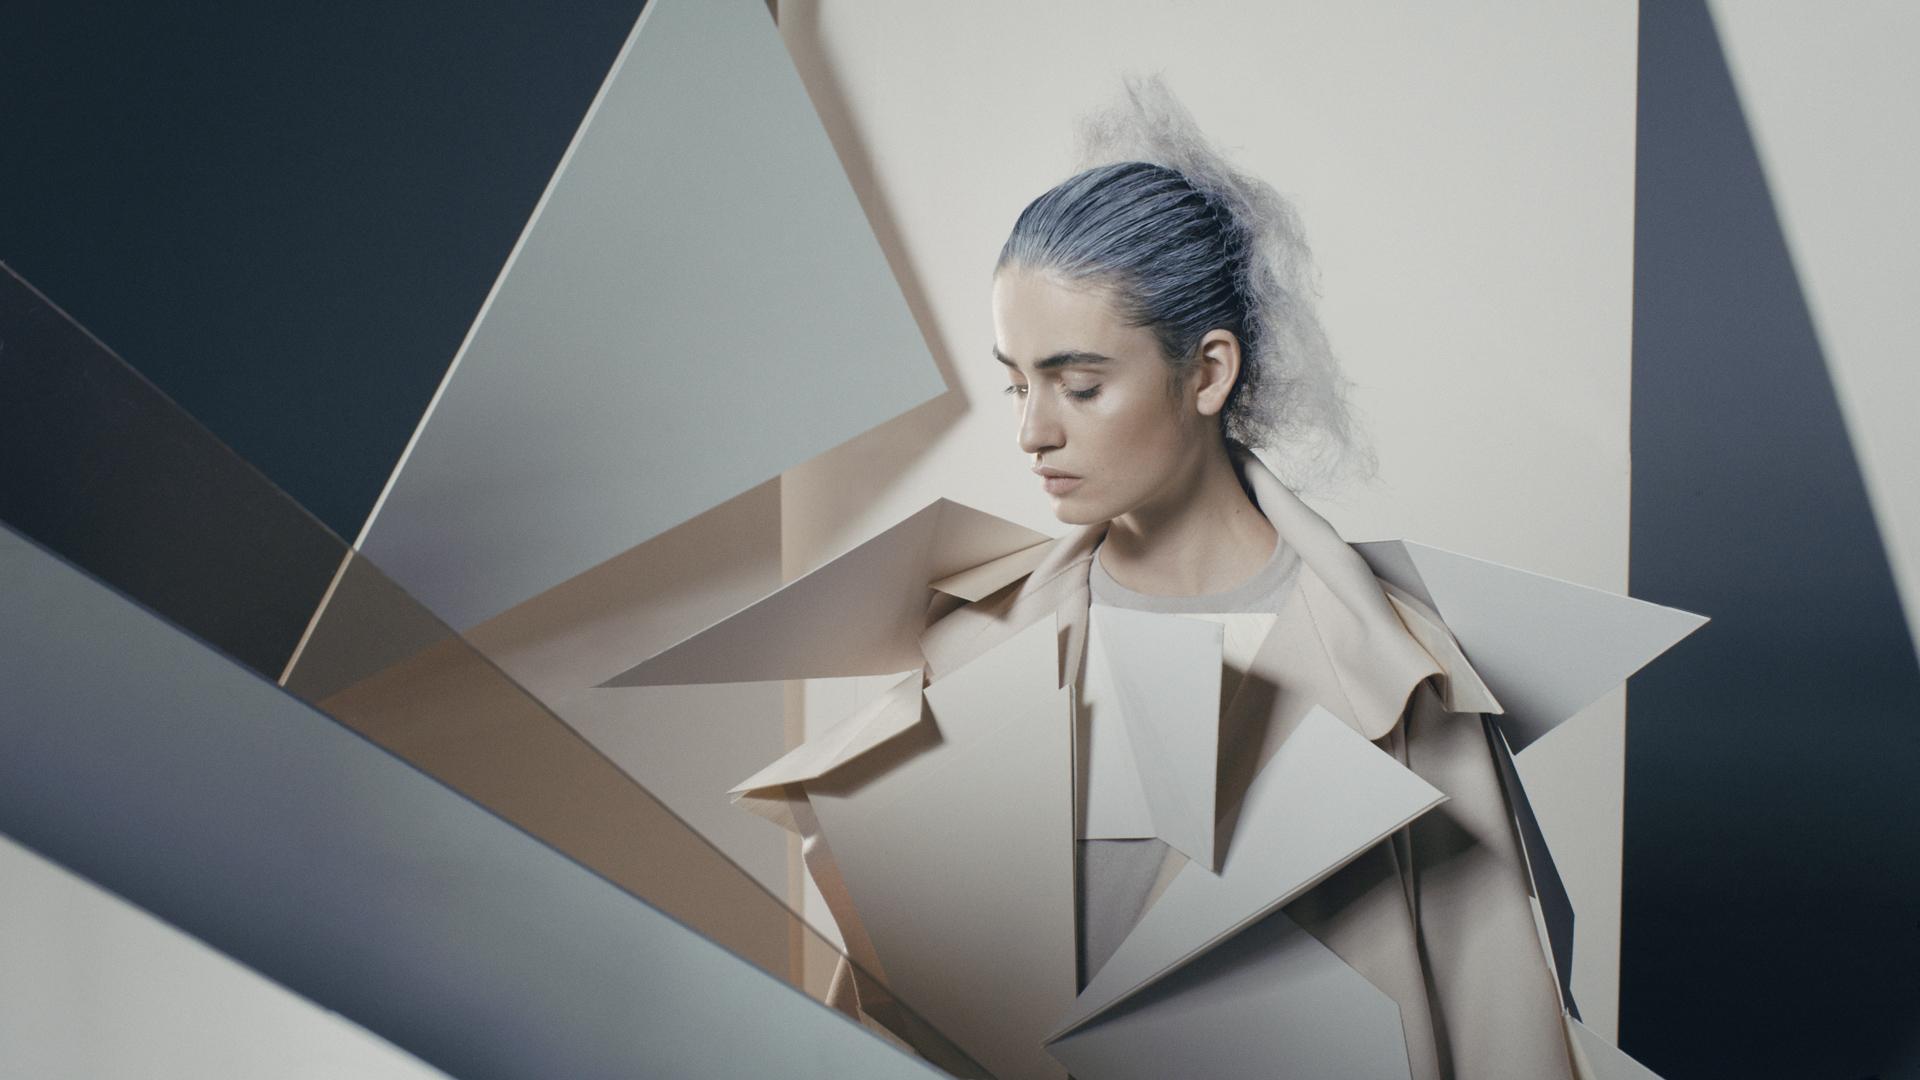 The future of fashion design 77